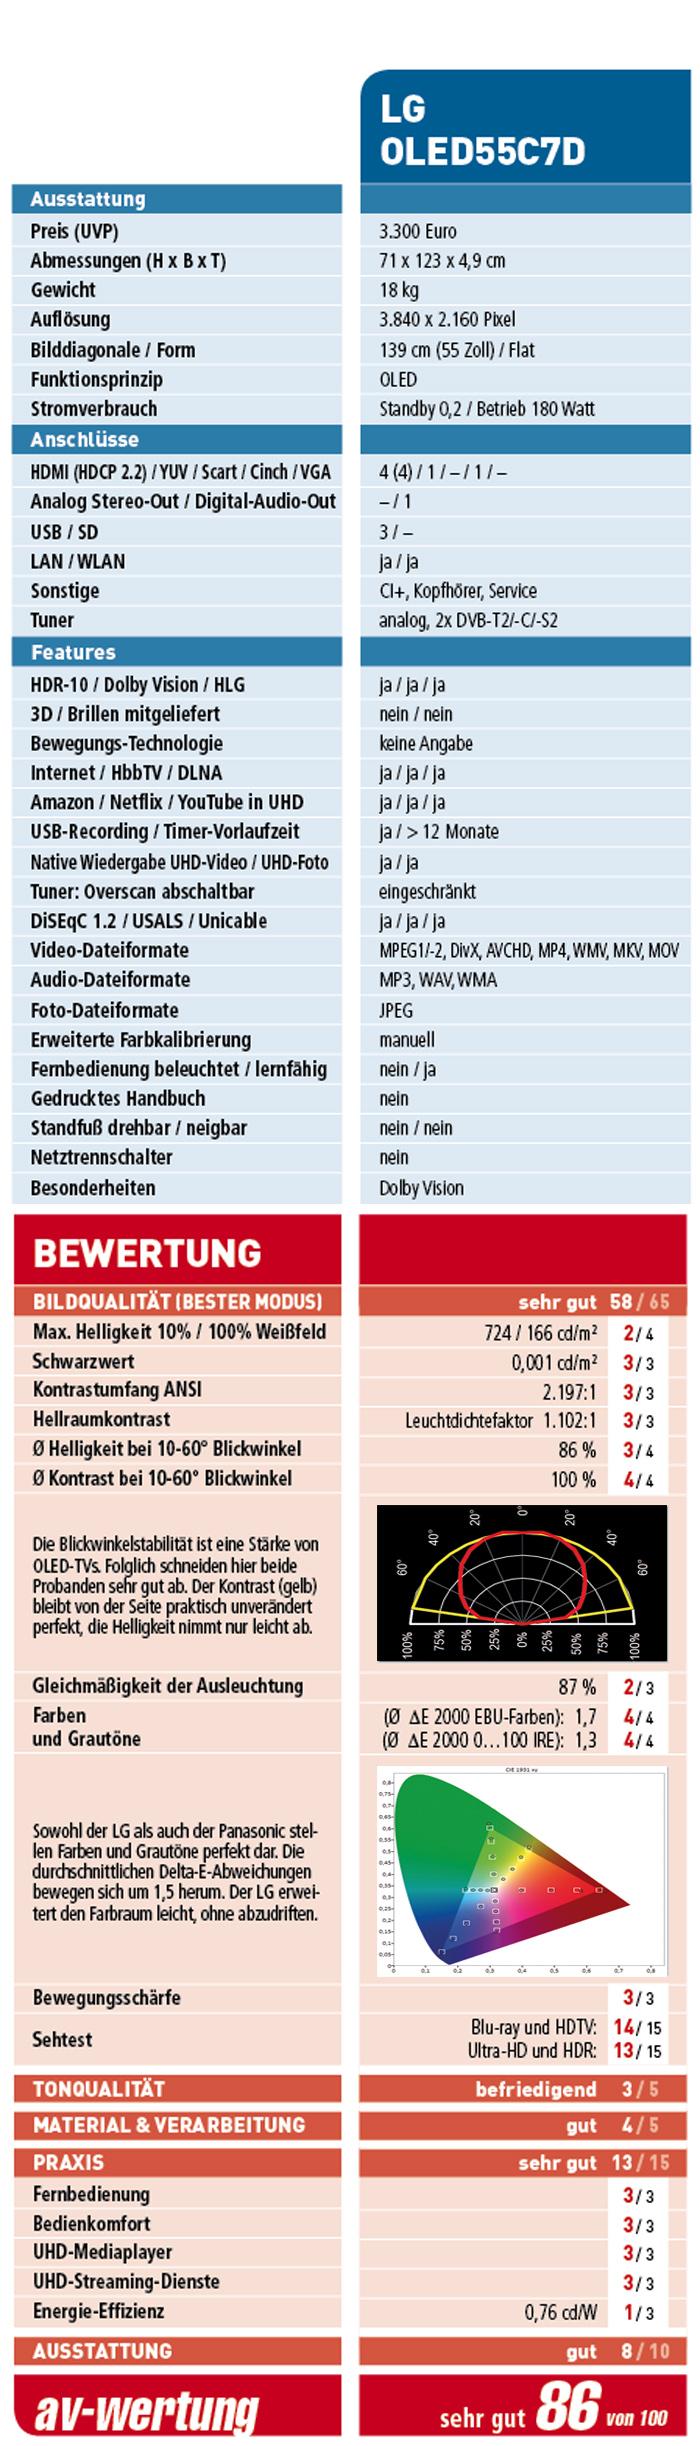 Beste Stereo Verkabelung Farbdiagramm Zeitgenössisch - Die Besten ...